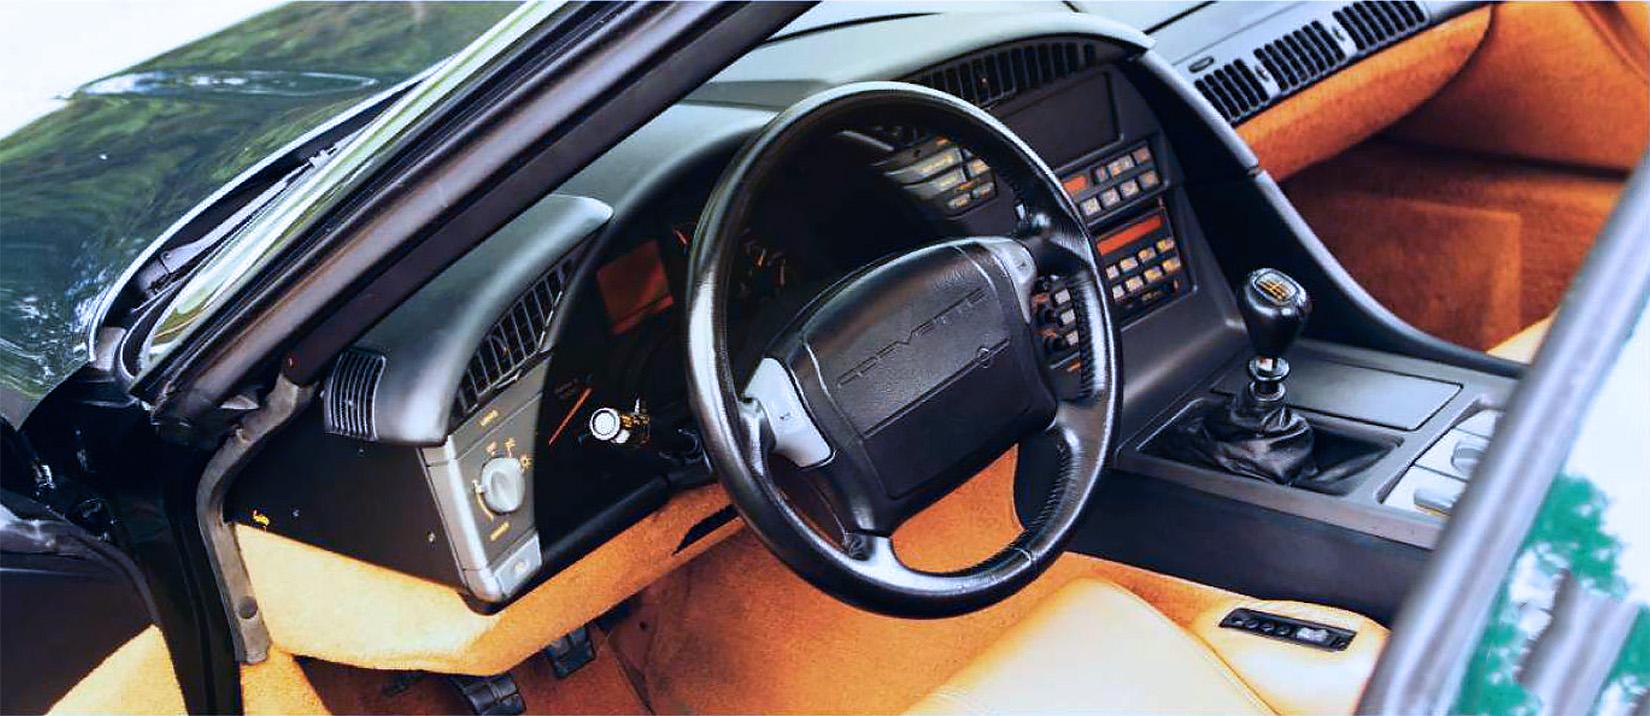 1991 Chevrolet Corvette ZR-1 C4 road test - Drive